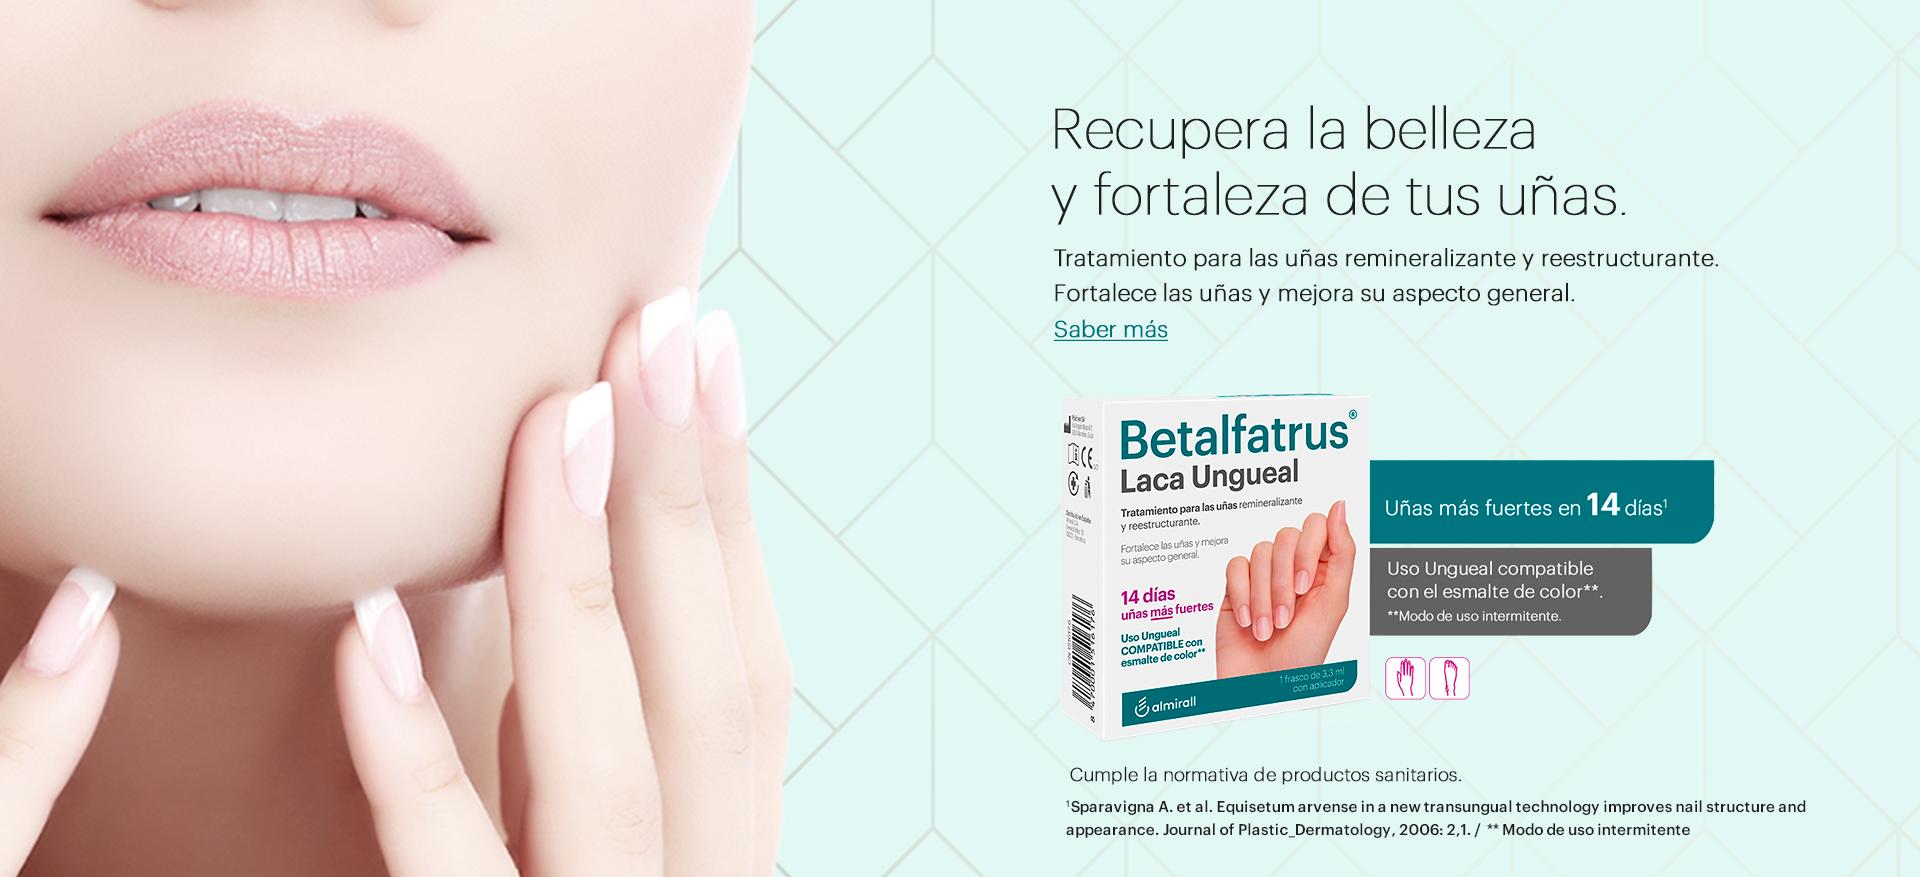 Betalfatrus, recupera la belleza y fortaleza de tus uñas